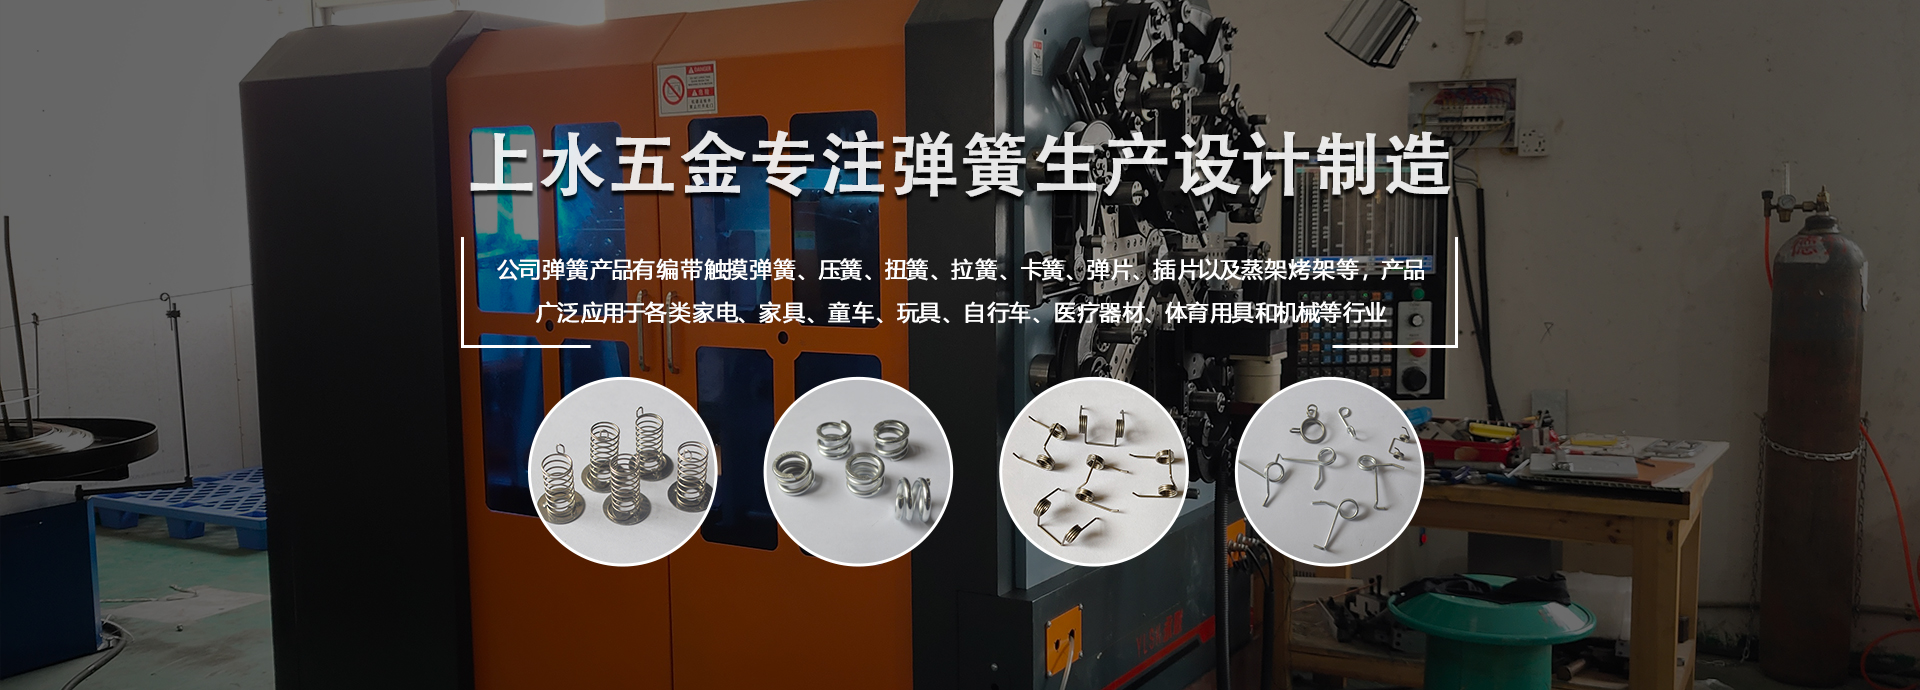 塑料焊接诱导丝圈